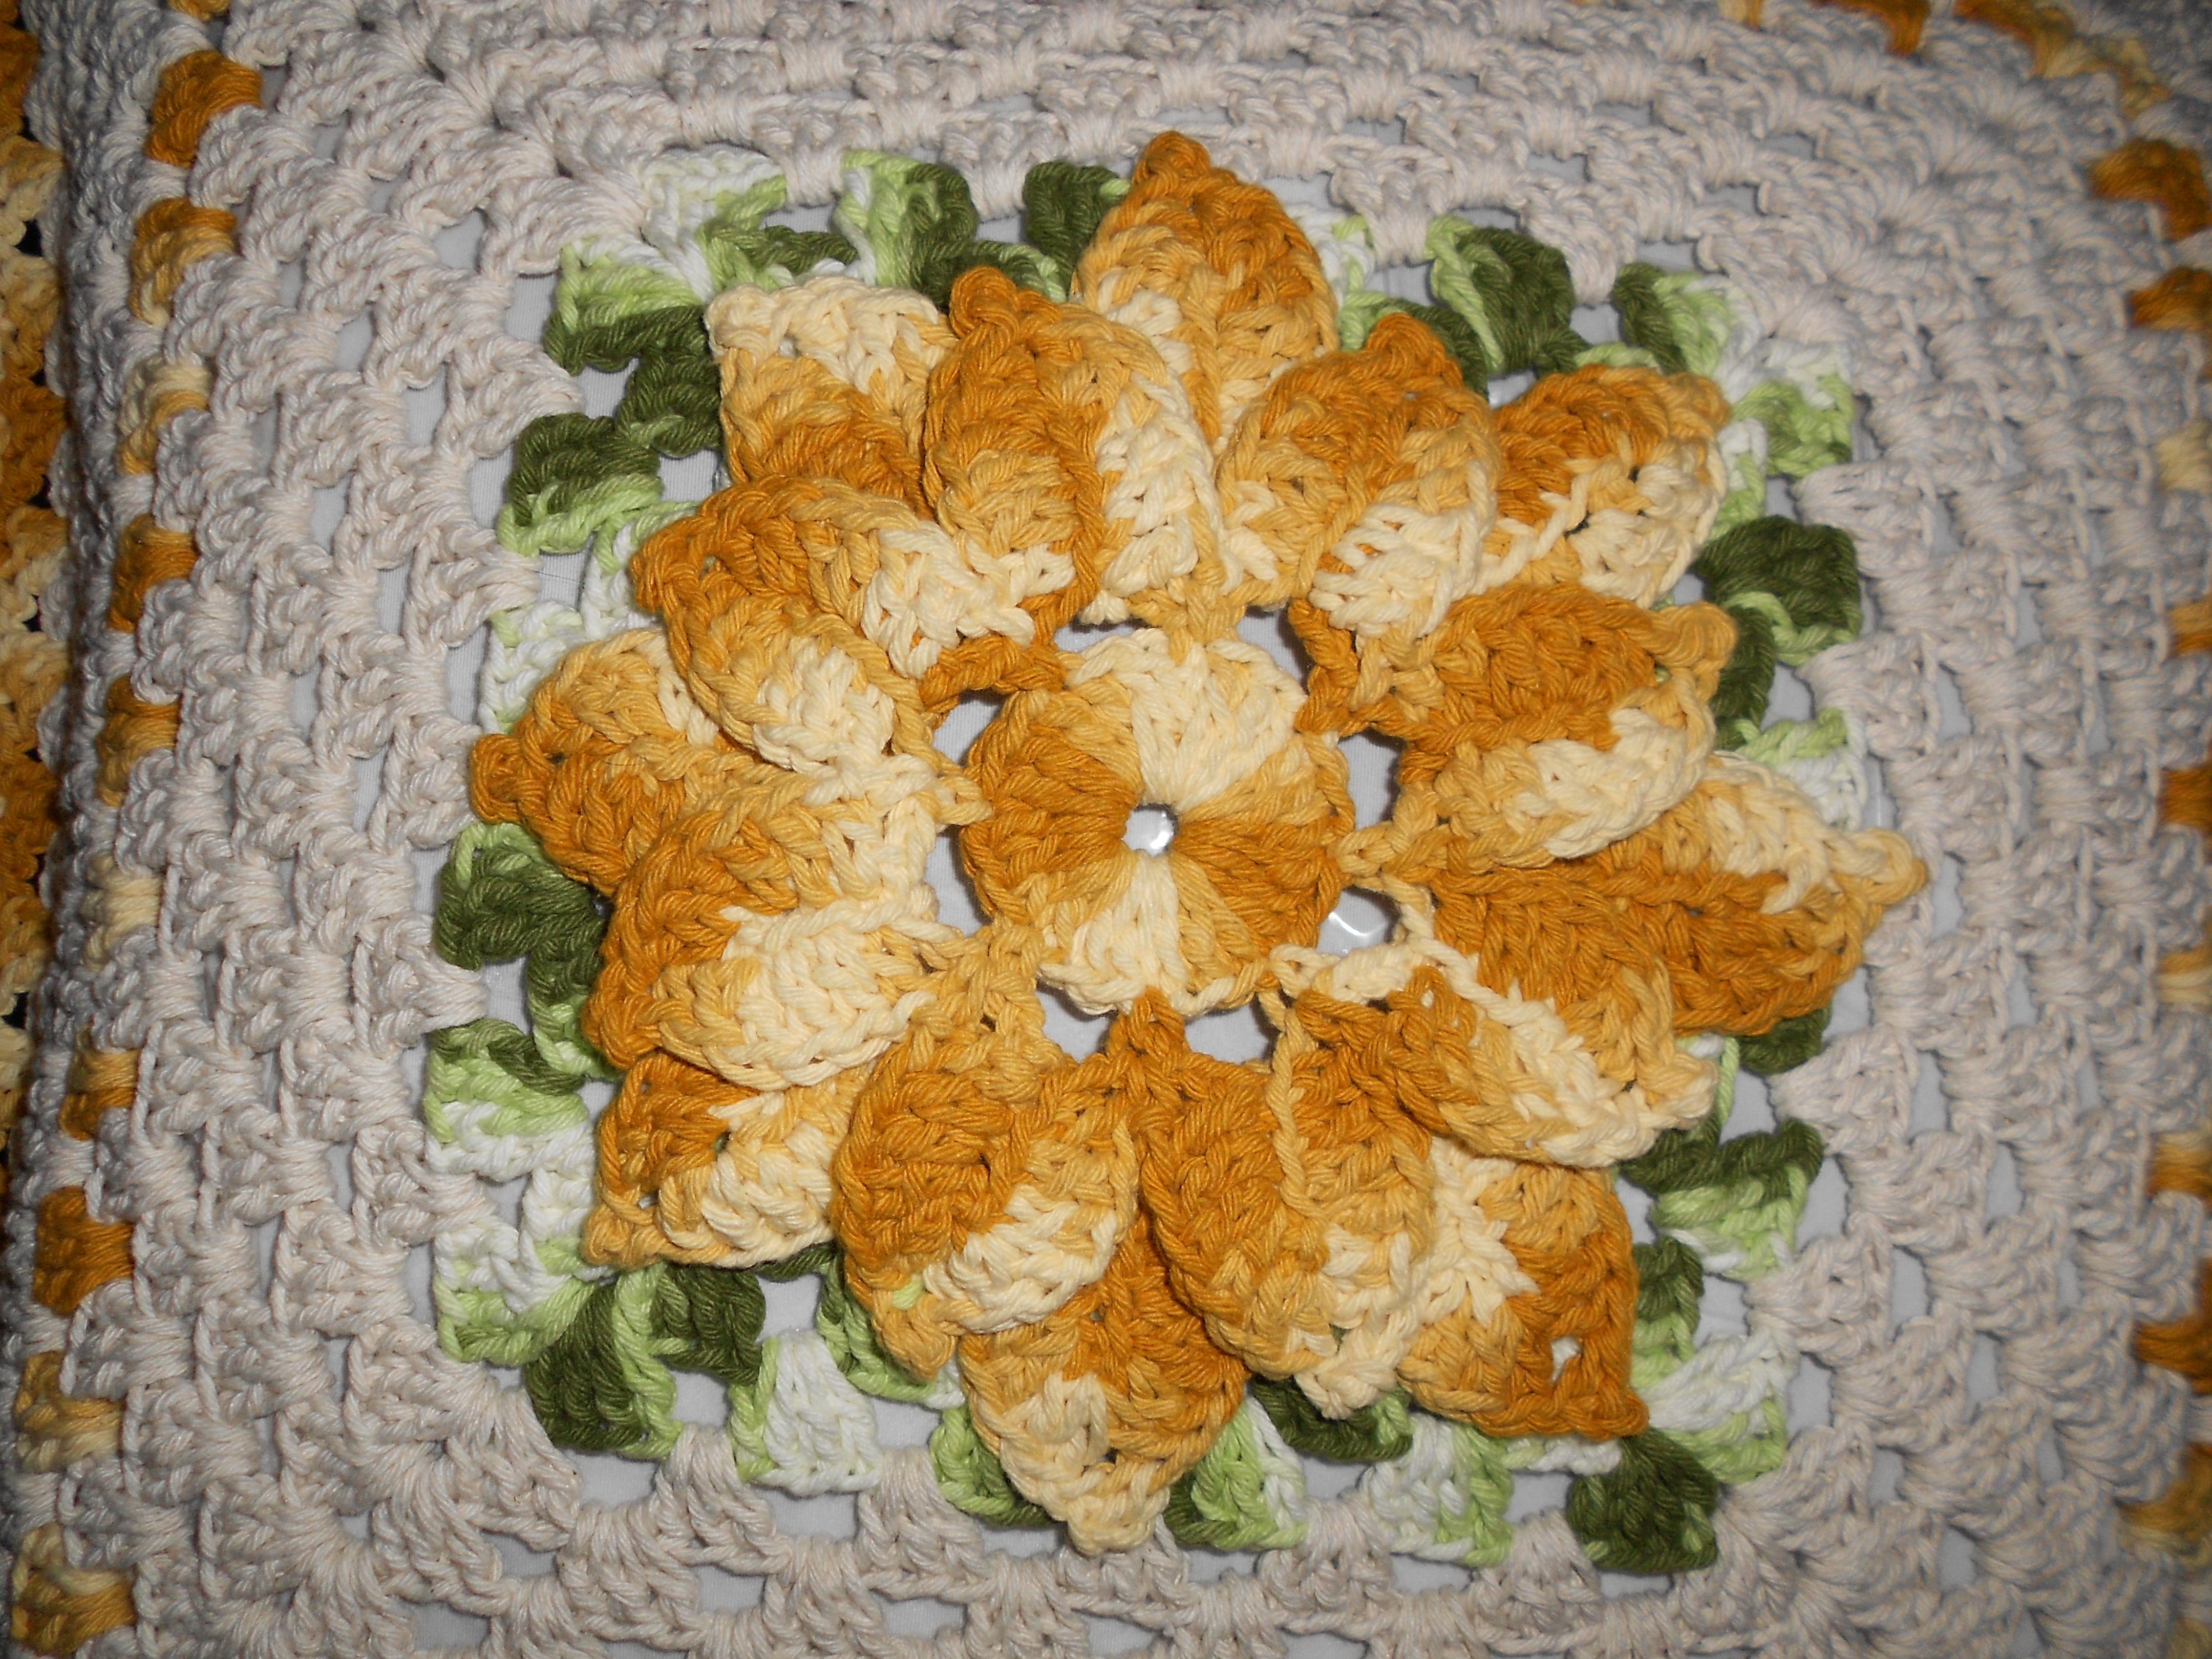 ... -floral-capa-de-almofada capa-para-almofada-de-croche-floral-barbante